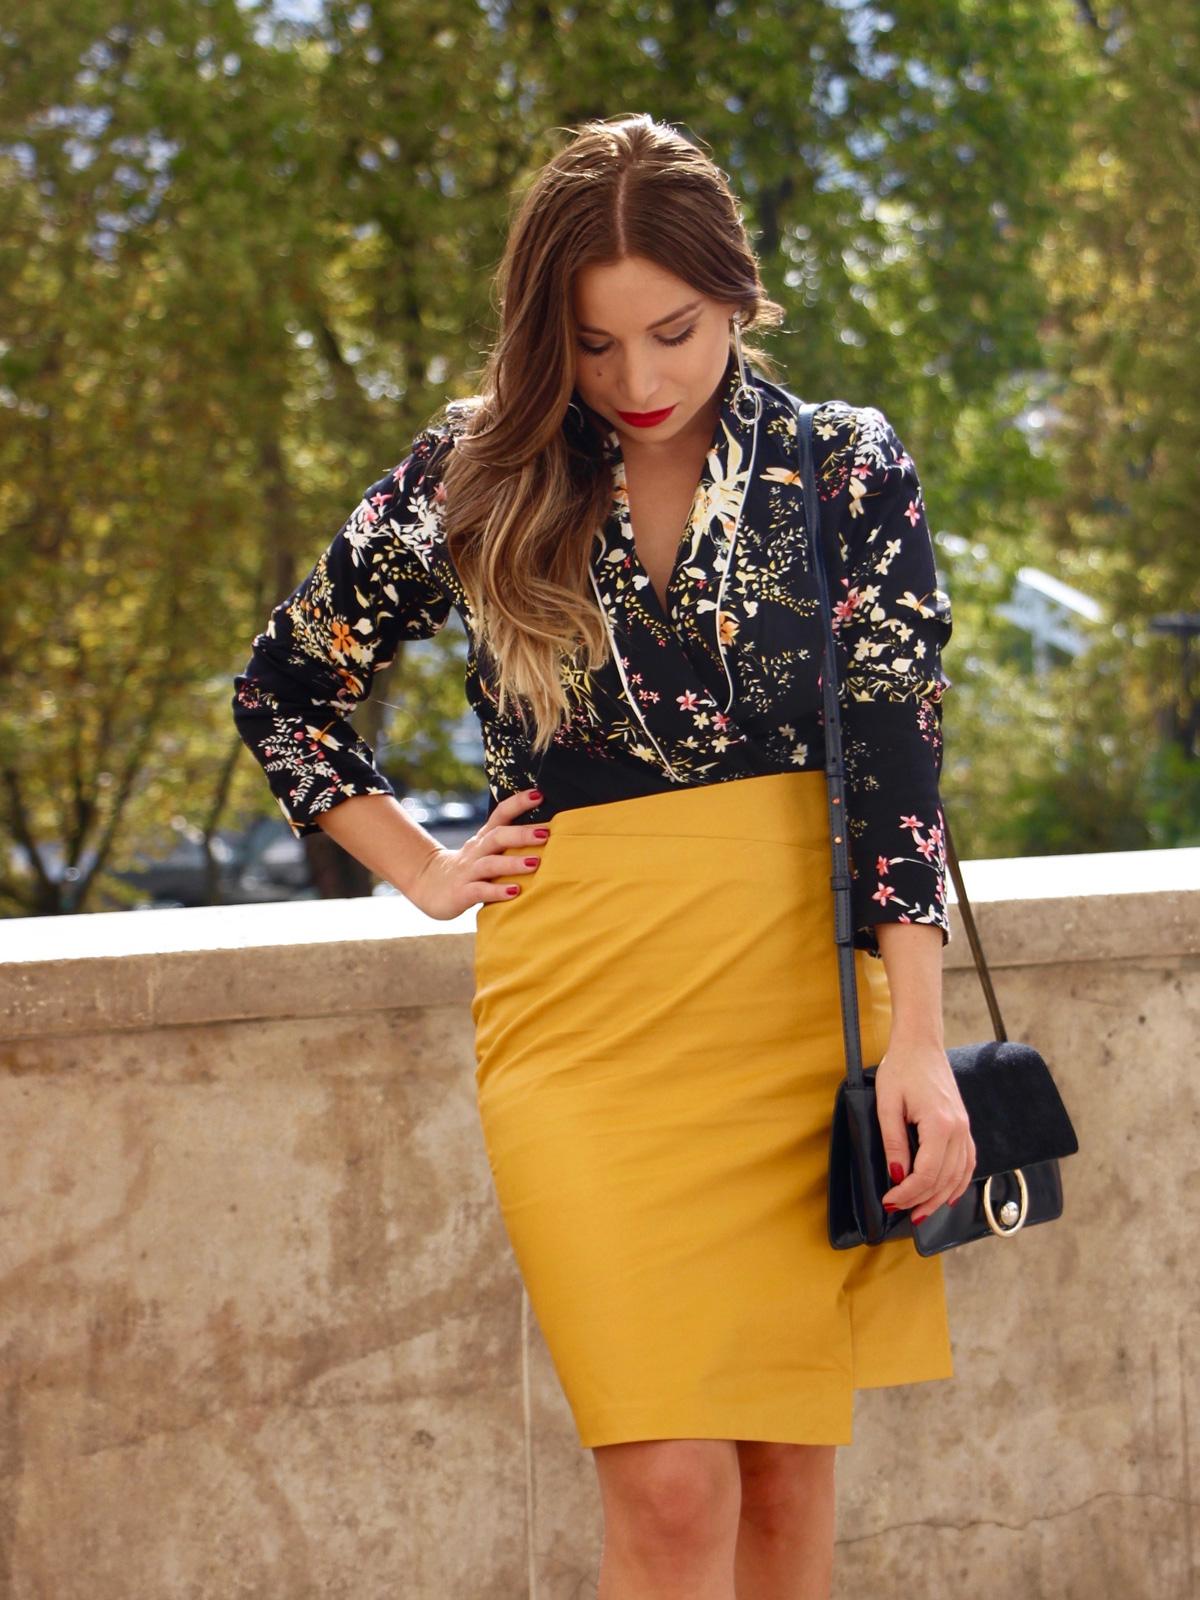 Comment Porter Le Jaune Moutarde La Minute Fashion